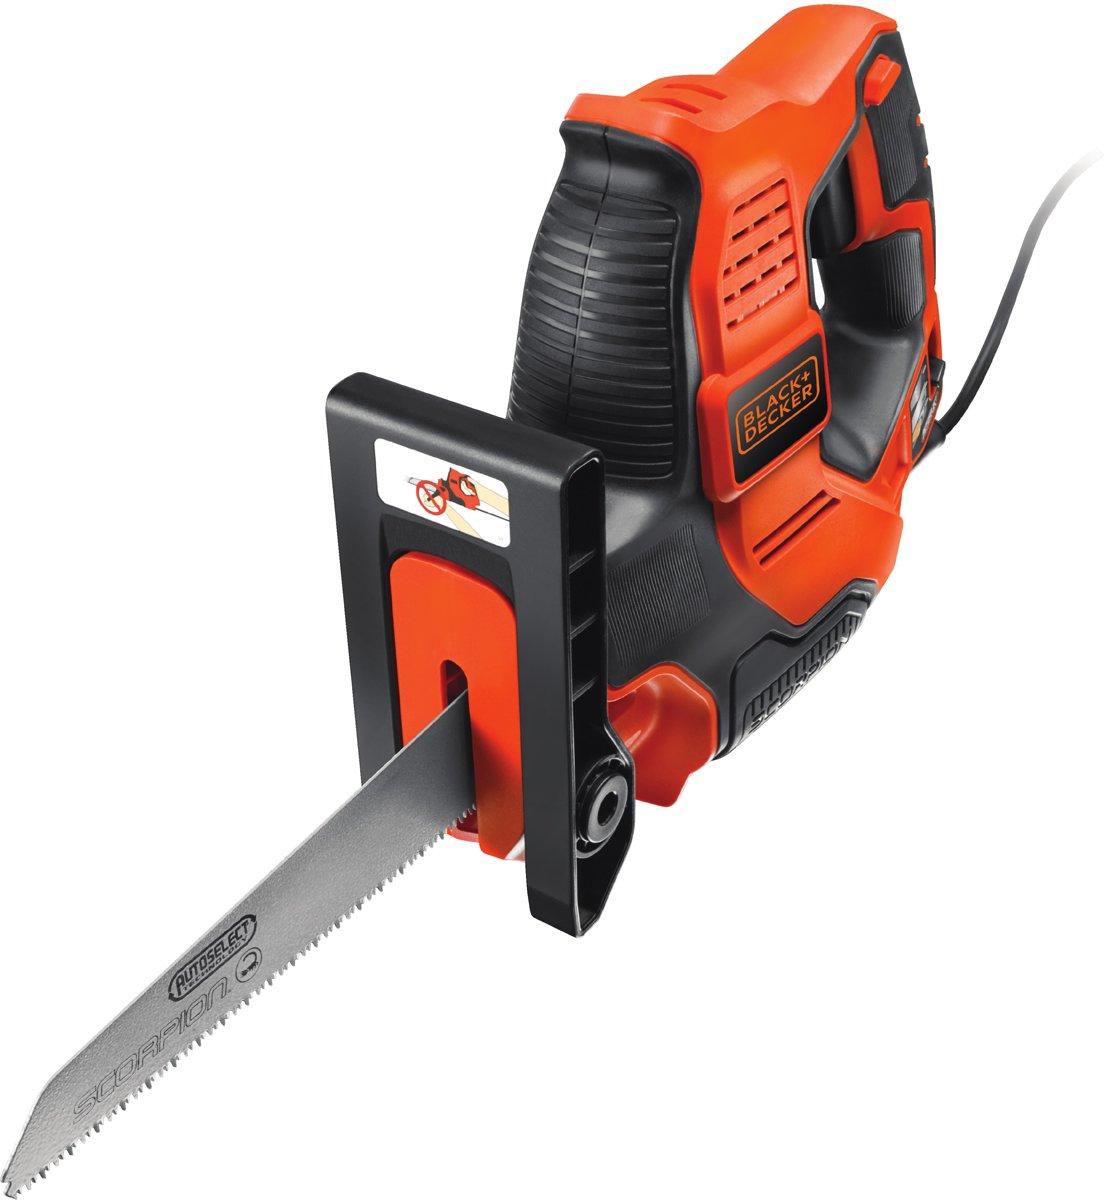 BLACK+DECKER - RS890K-QS - 500W  Scorpion® 3-in-1 Elektrische zaag met Autoselect, koffer en 3 zaagbladen kopen